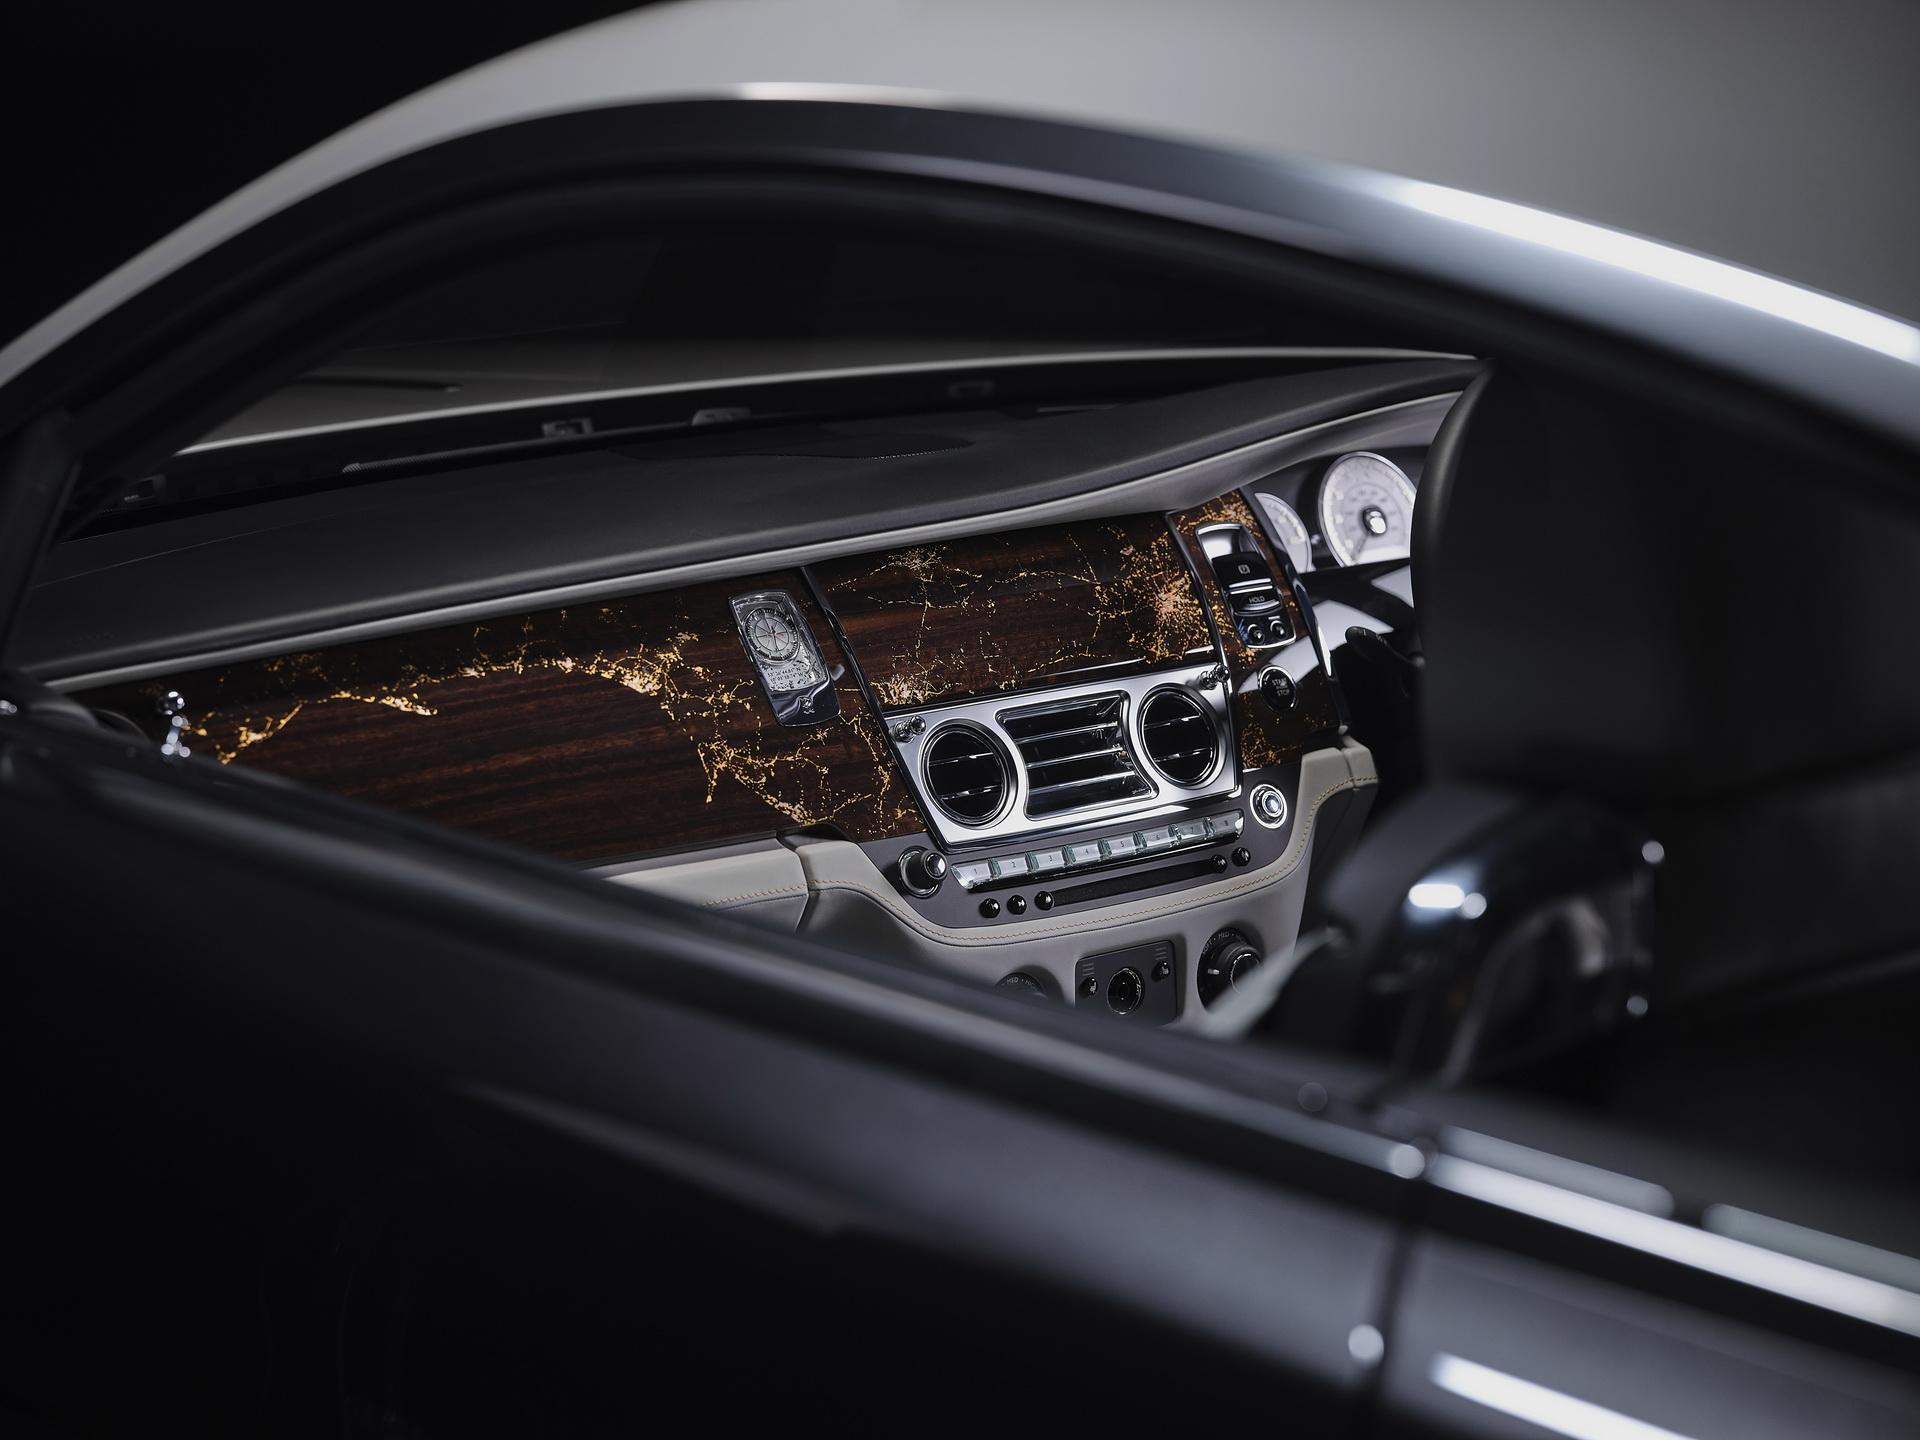 Rolls-Royce Wraith Eagle VIII ra mắt với 50 câu chuyện lịch sử của thế kỉ 20 Ảnh 3